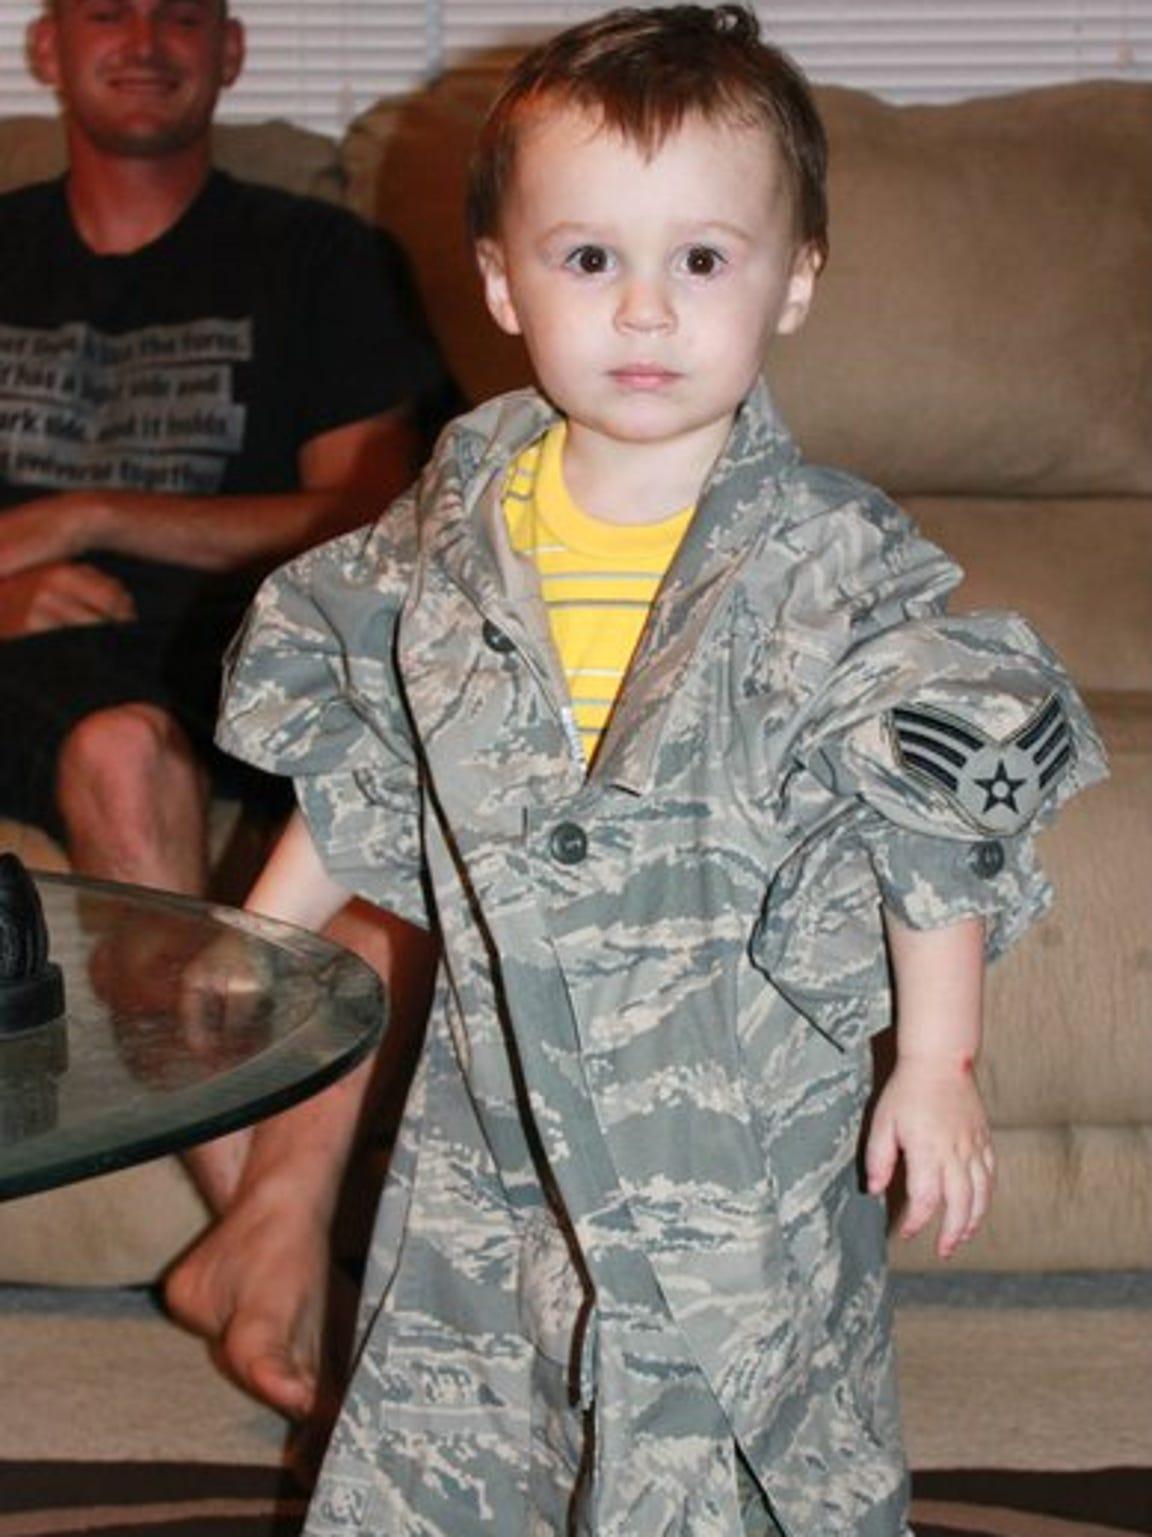 Jayden models his father's Air Force uniform.